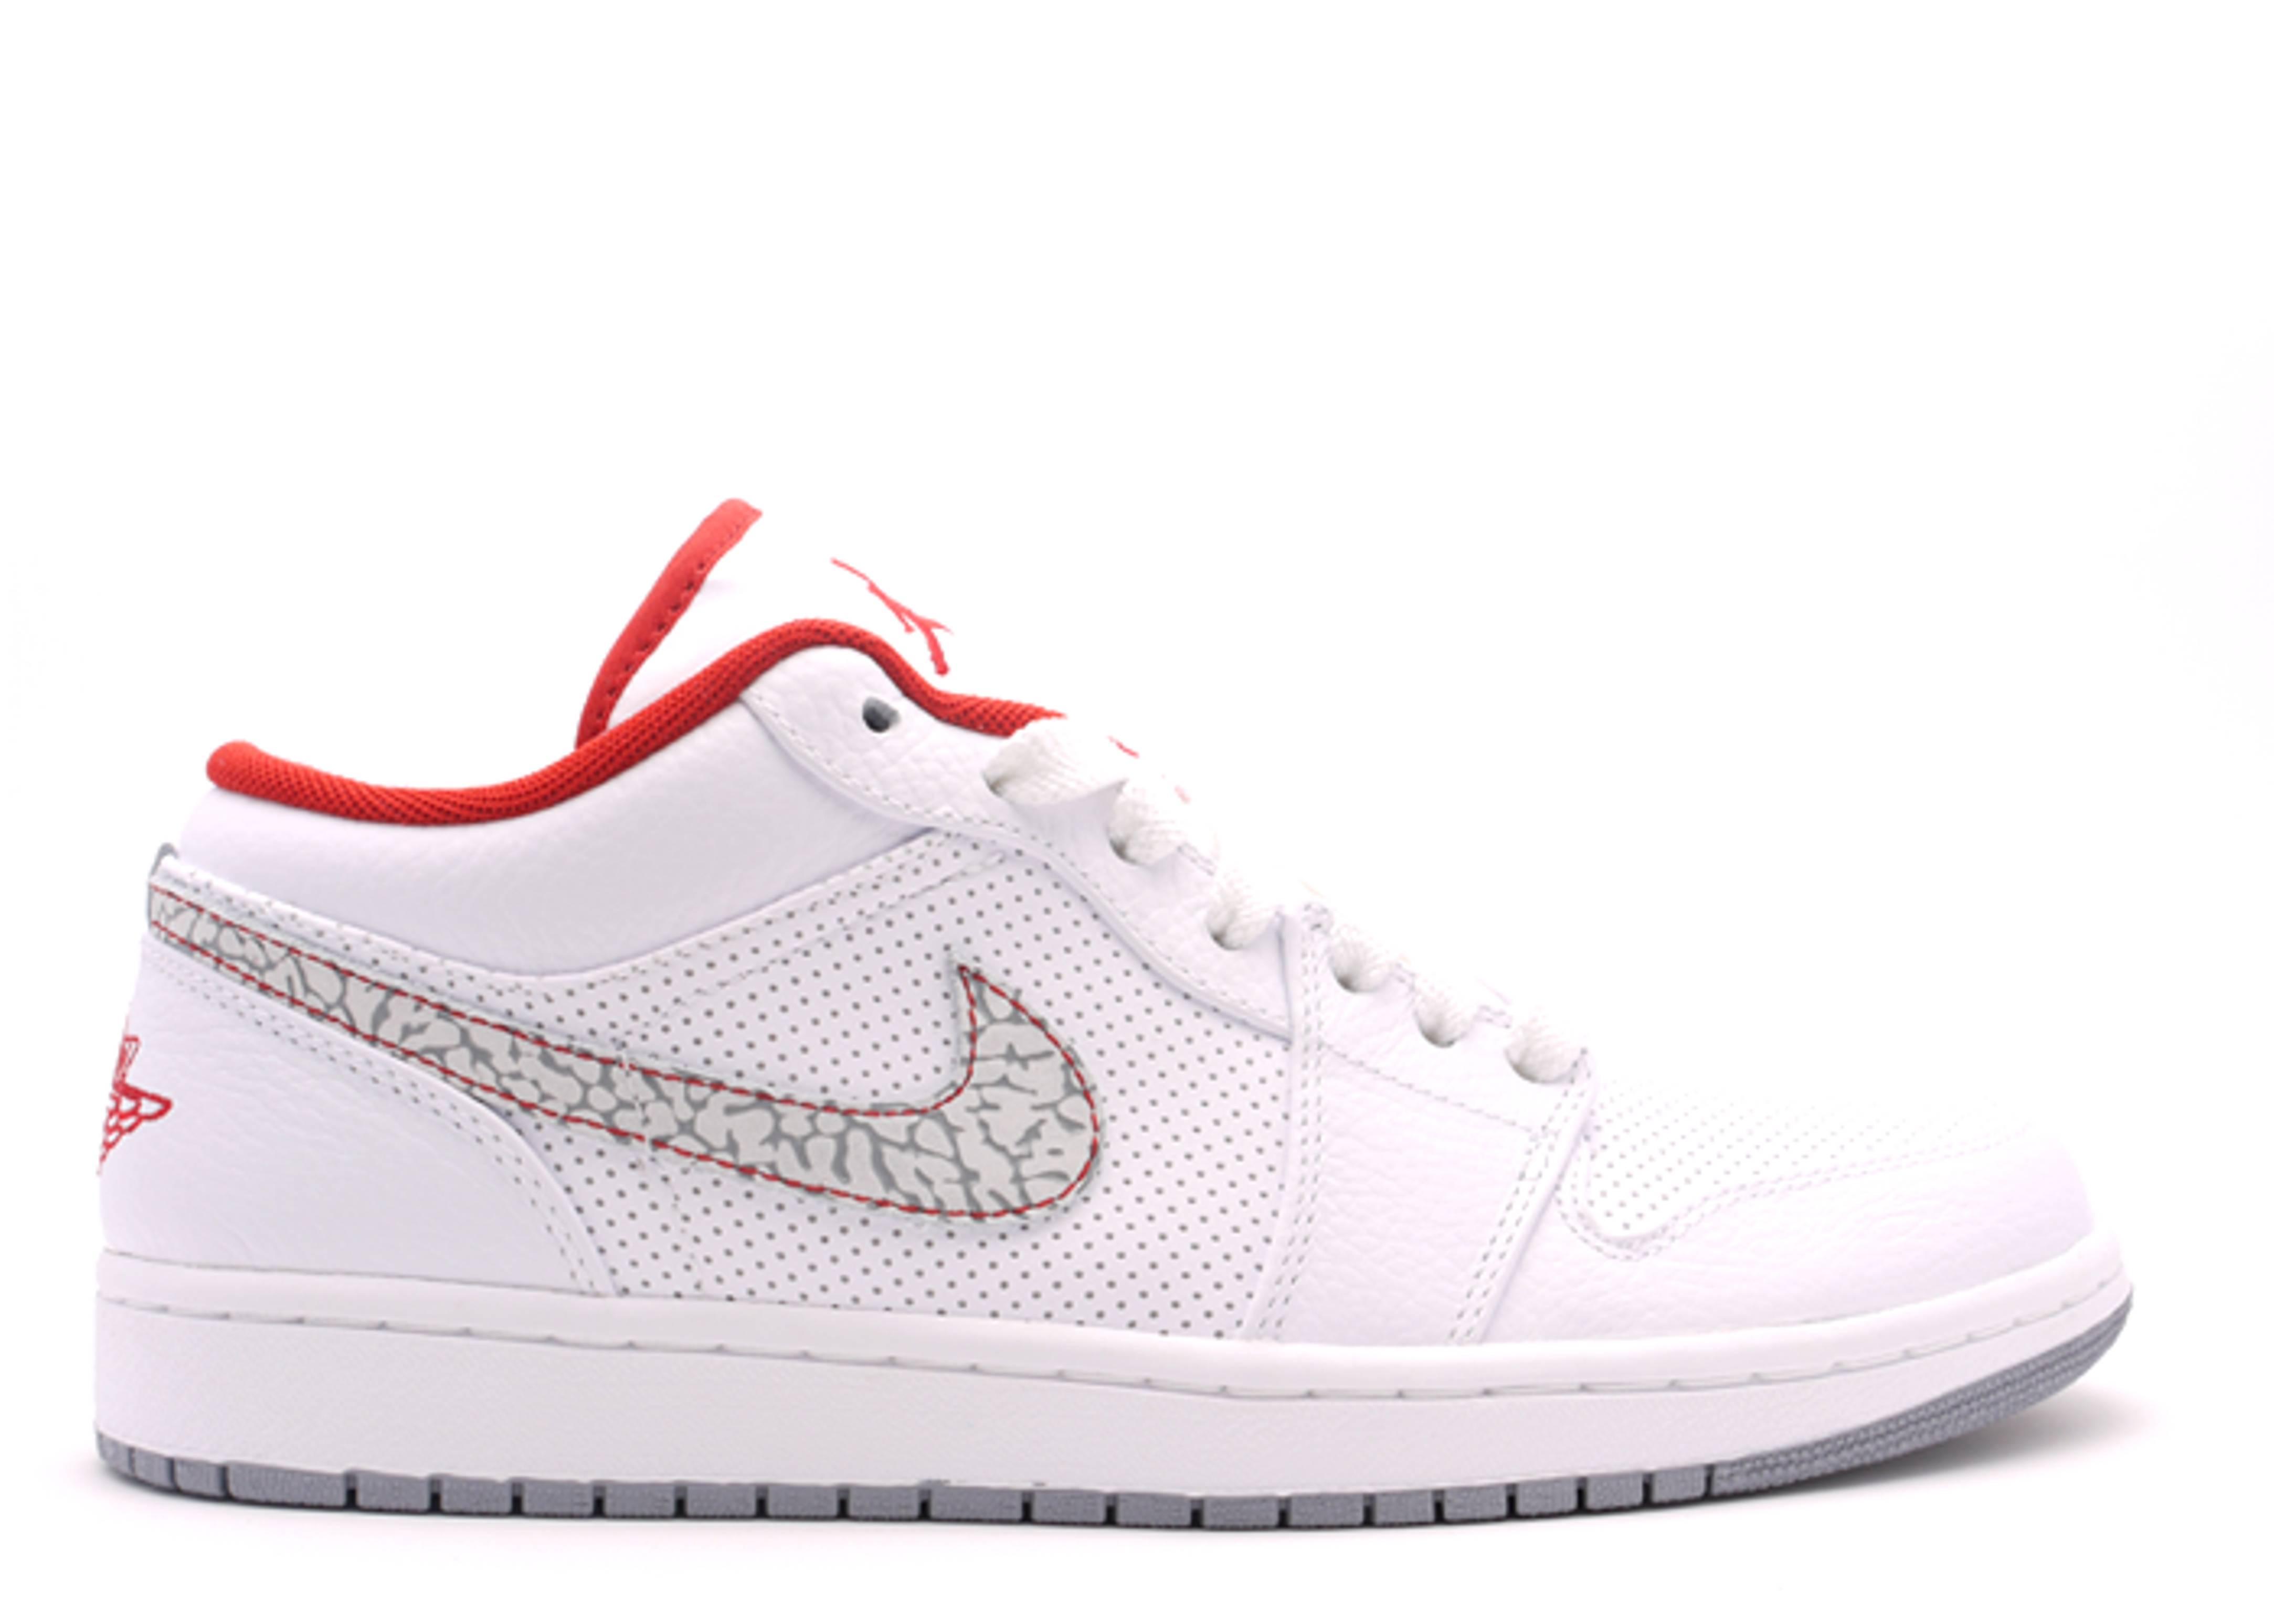 Air Jordan 1 Phat Low - Air Jordan - 338145 113 - white varsity red ... a371c54b71